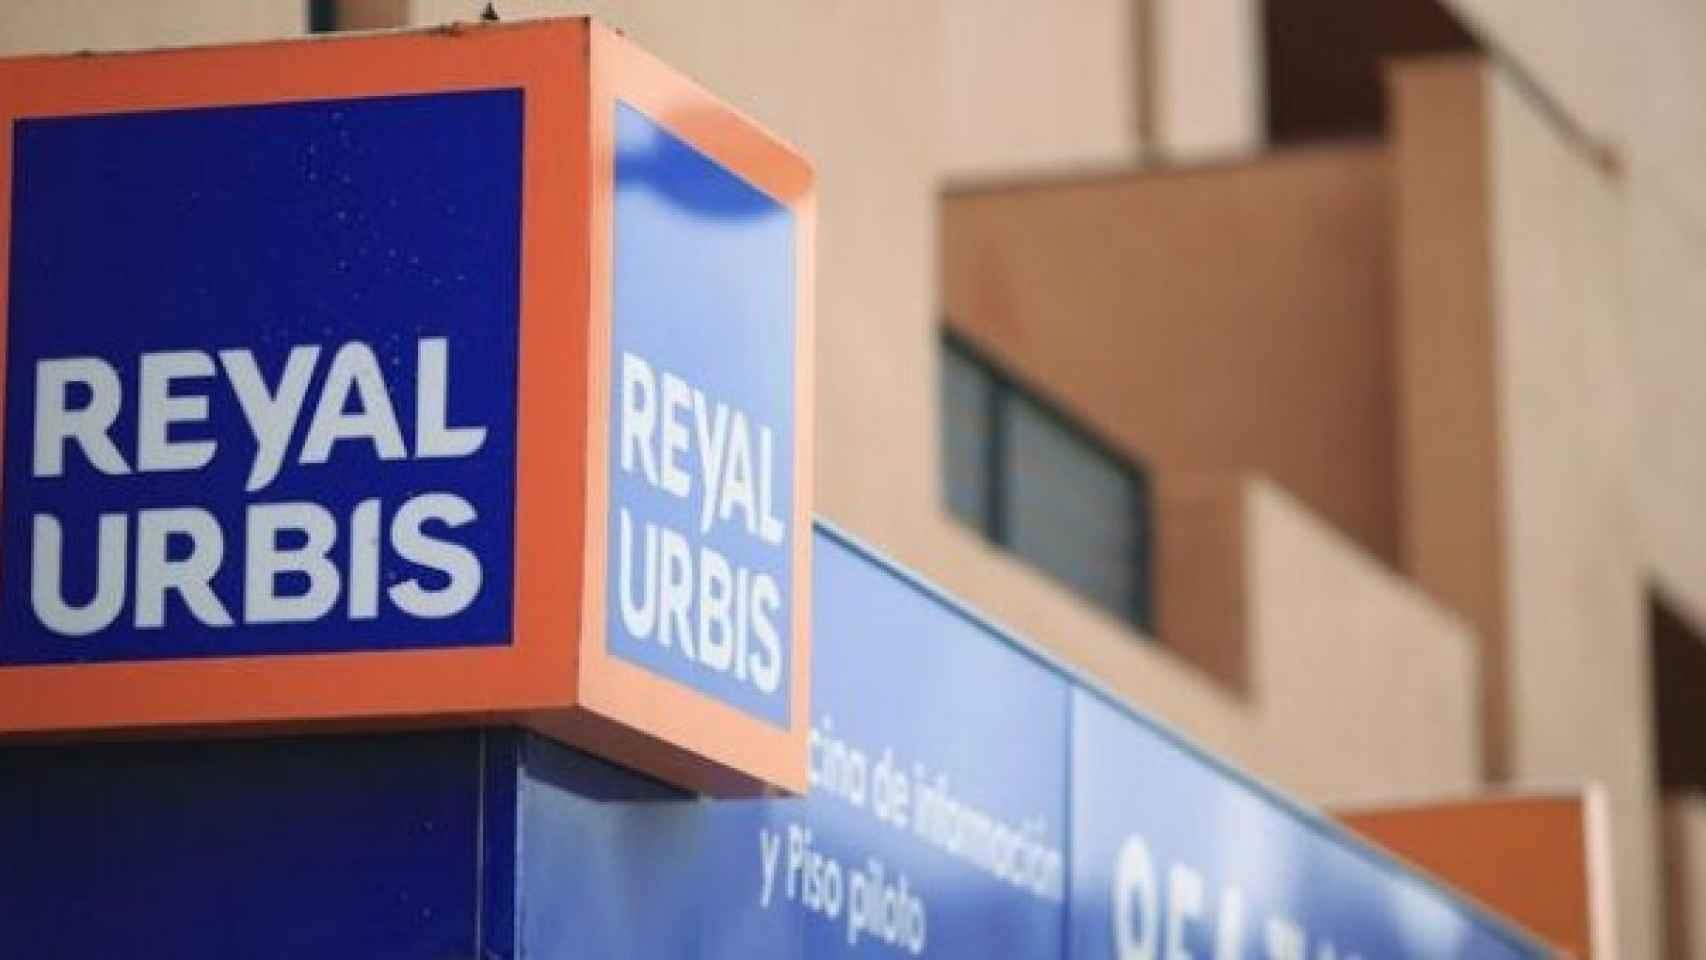 Cartel de Reyal Urbis.